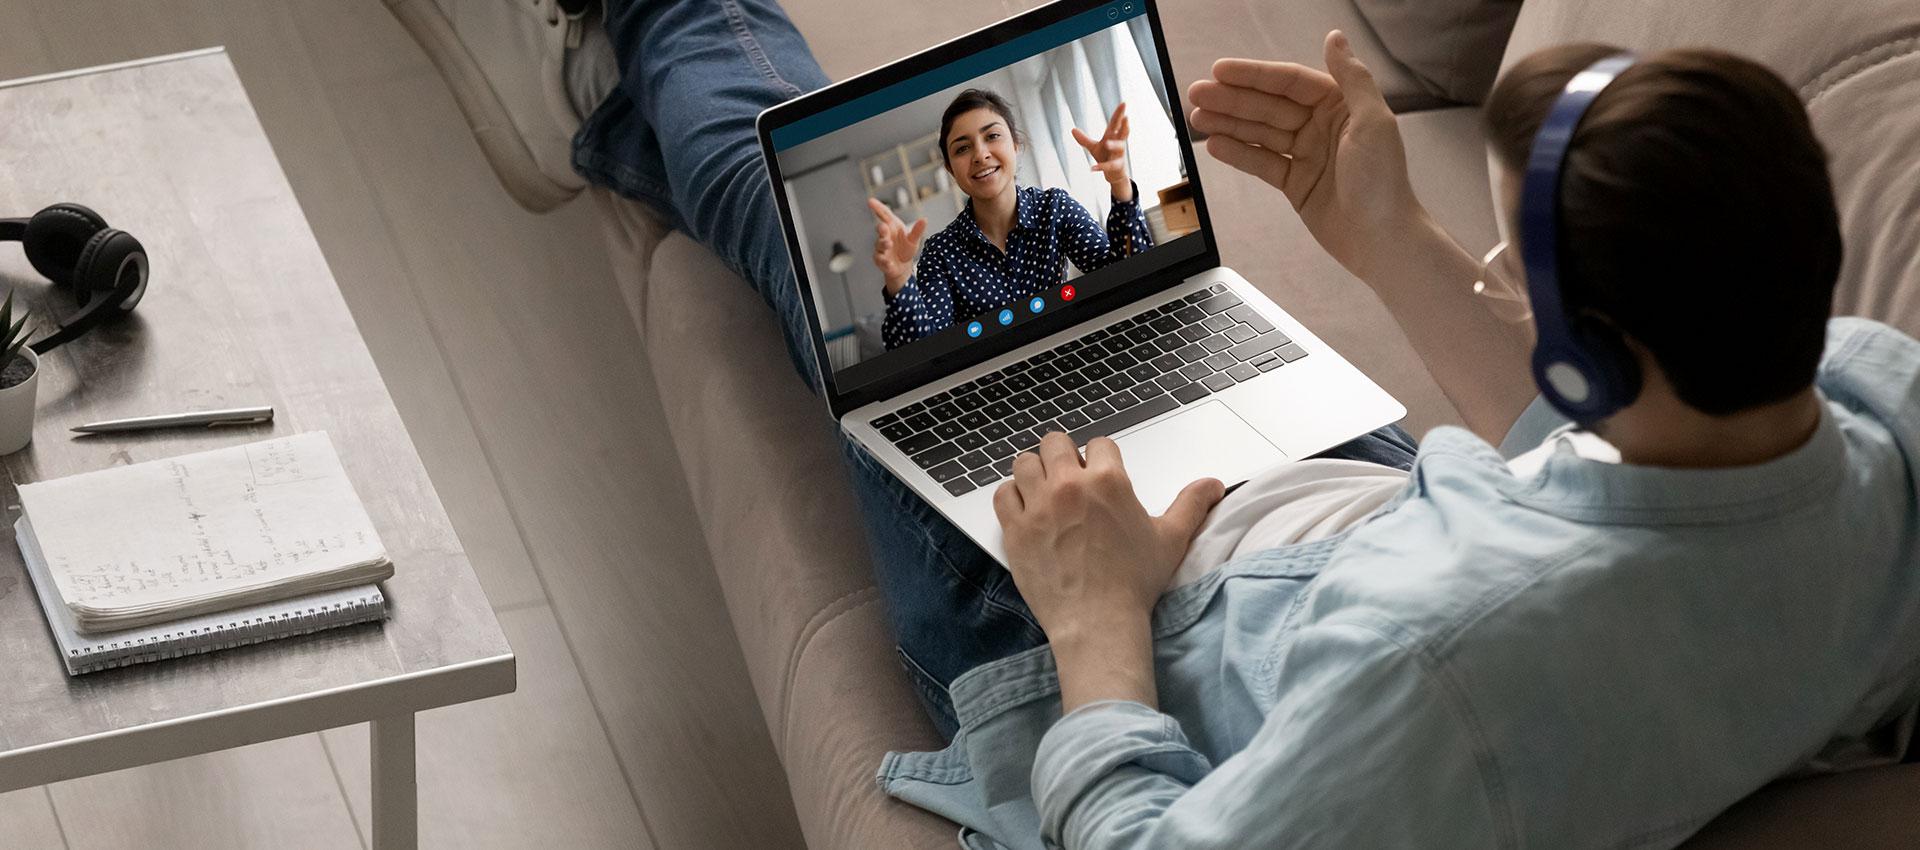 Abbildung Vertriebler mit Laptop in Beratung